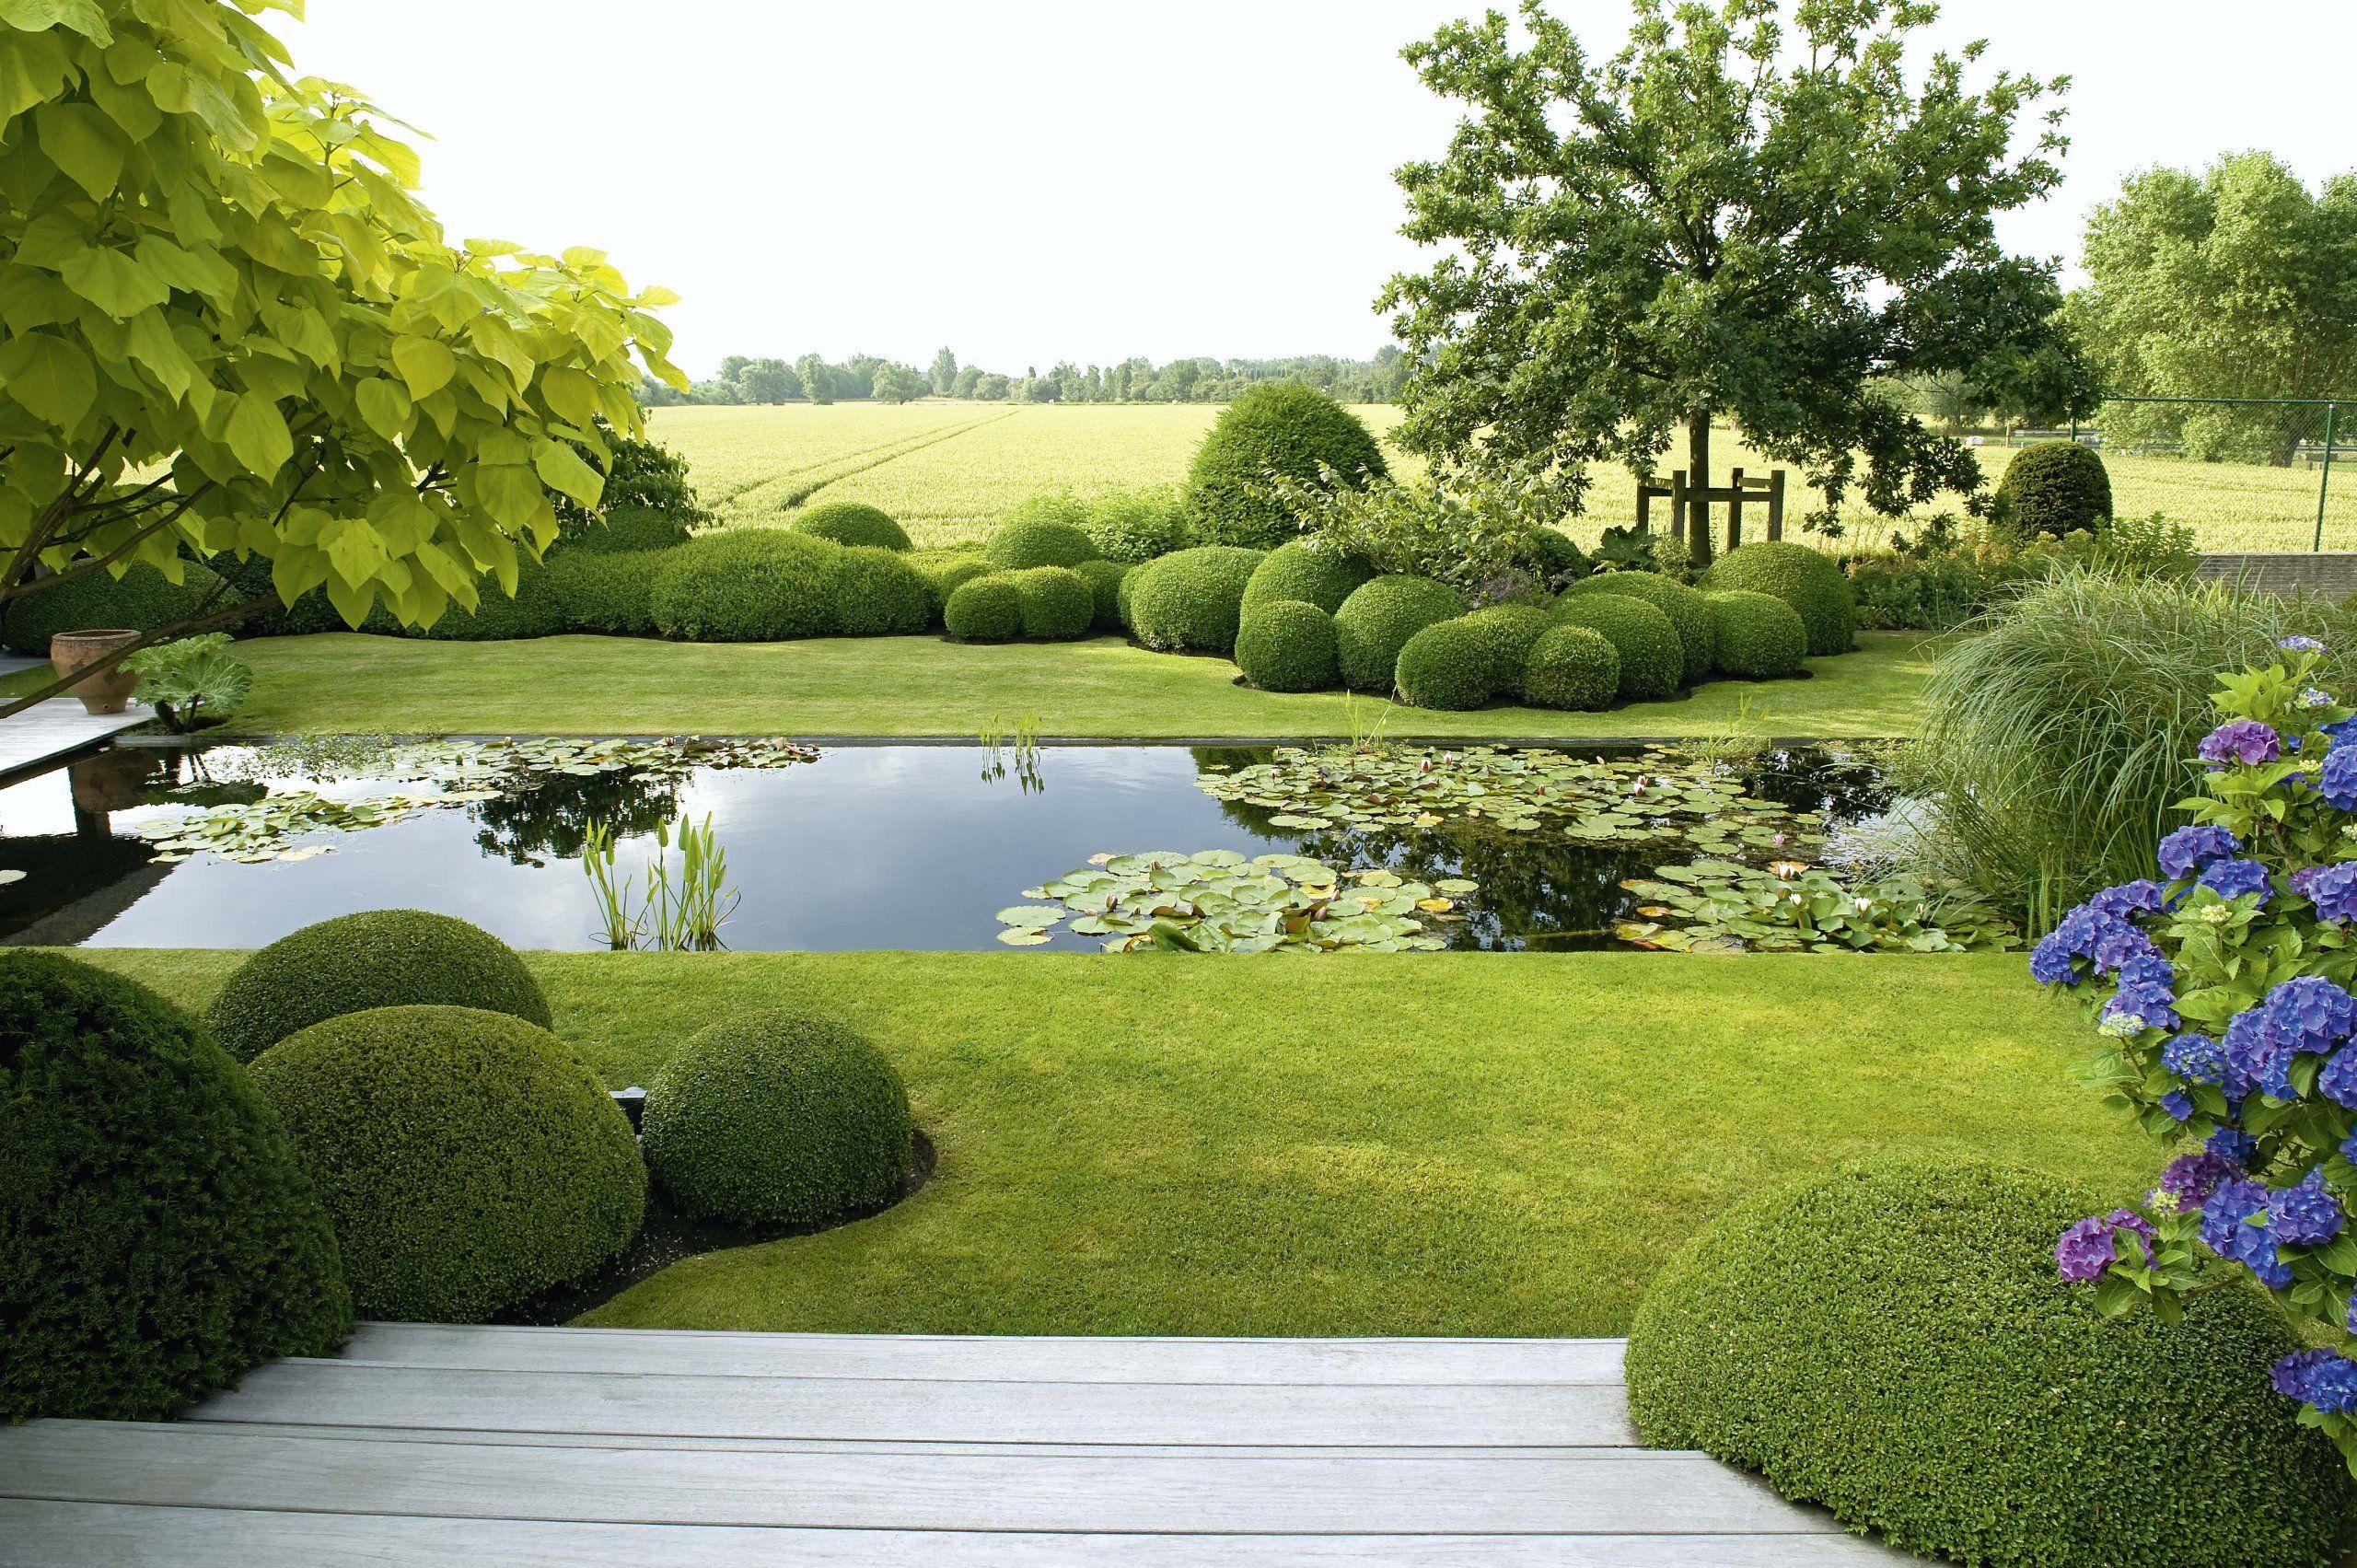 http://www.amazon.de/exklusives-gartendesign-spektakuläre-ulrich, Gartengerate ideen